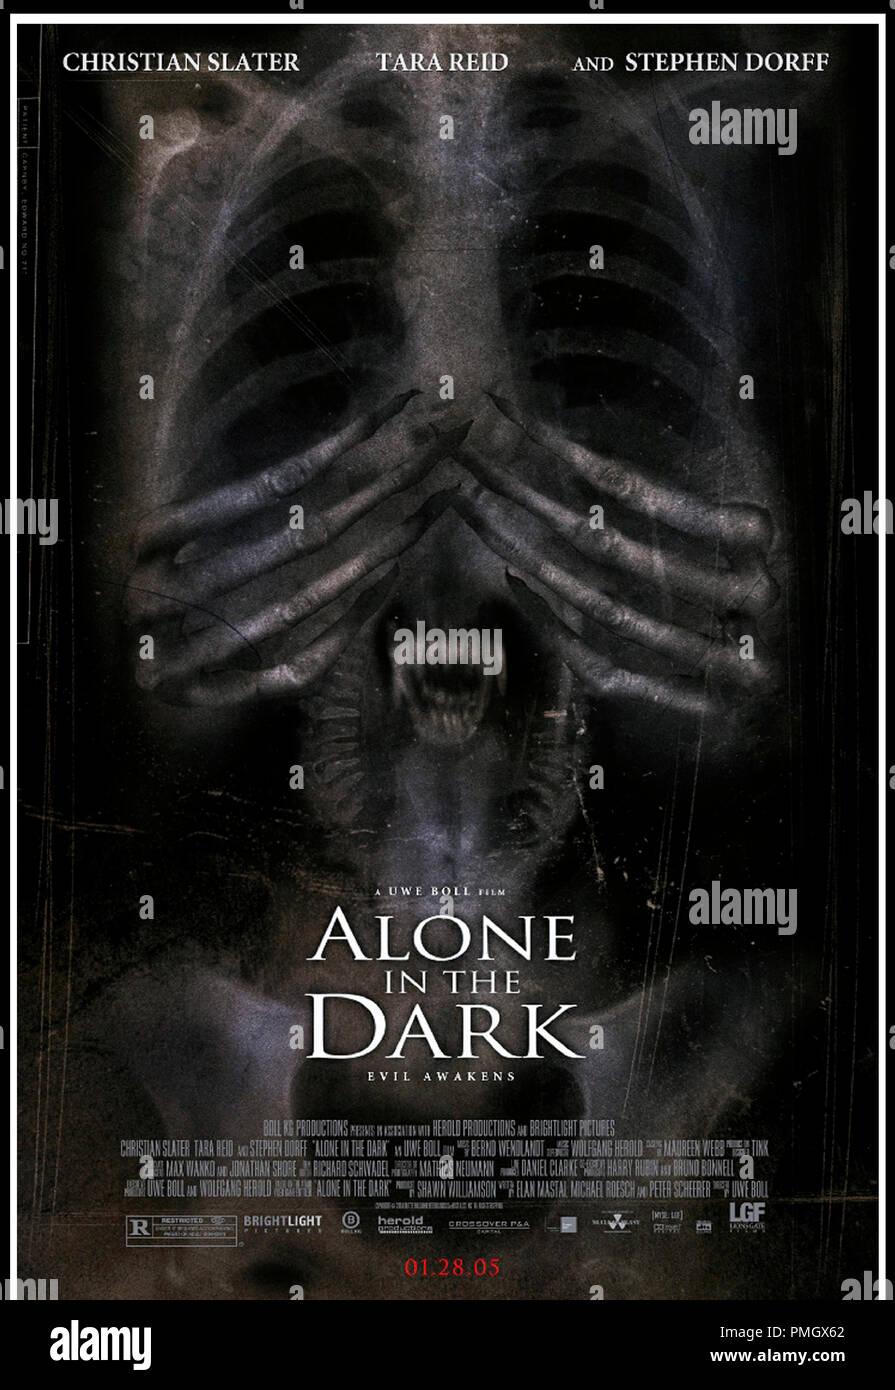 Alone In Dark 2005 Uwe Stock Photos Alone In Dark 2005 Uwe Stock